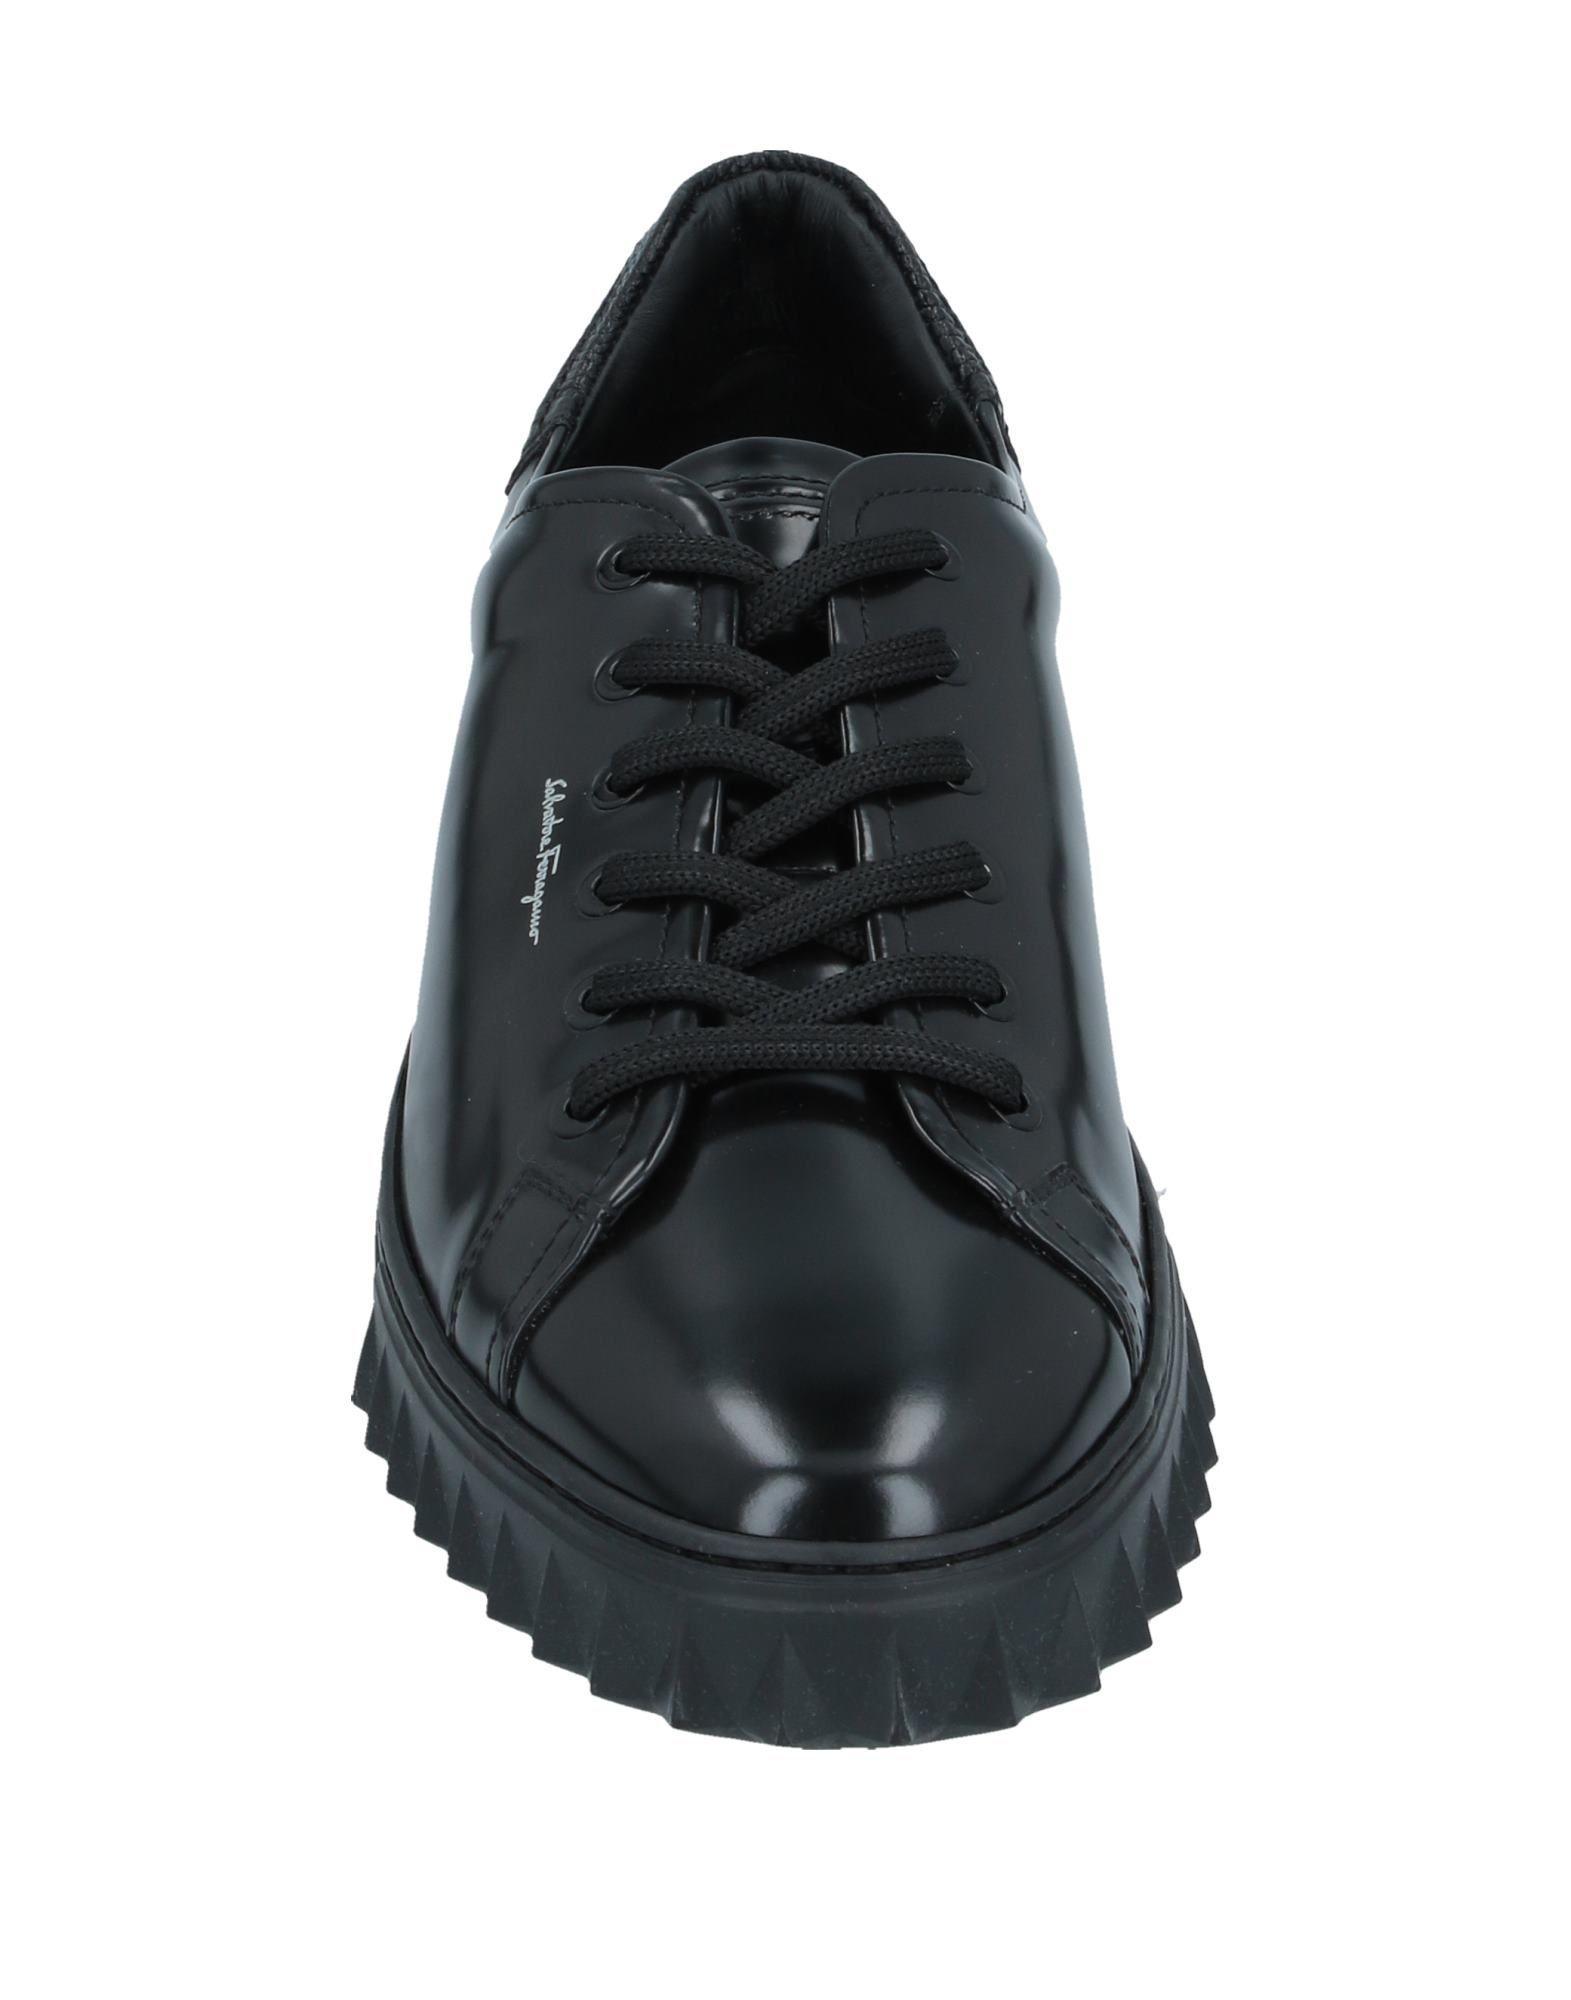 Sneakers & Tennis basses Cuir Ferragamo pour homme en coloris Noir TJx8